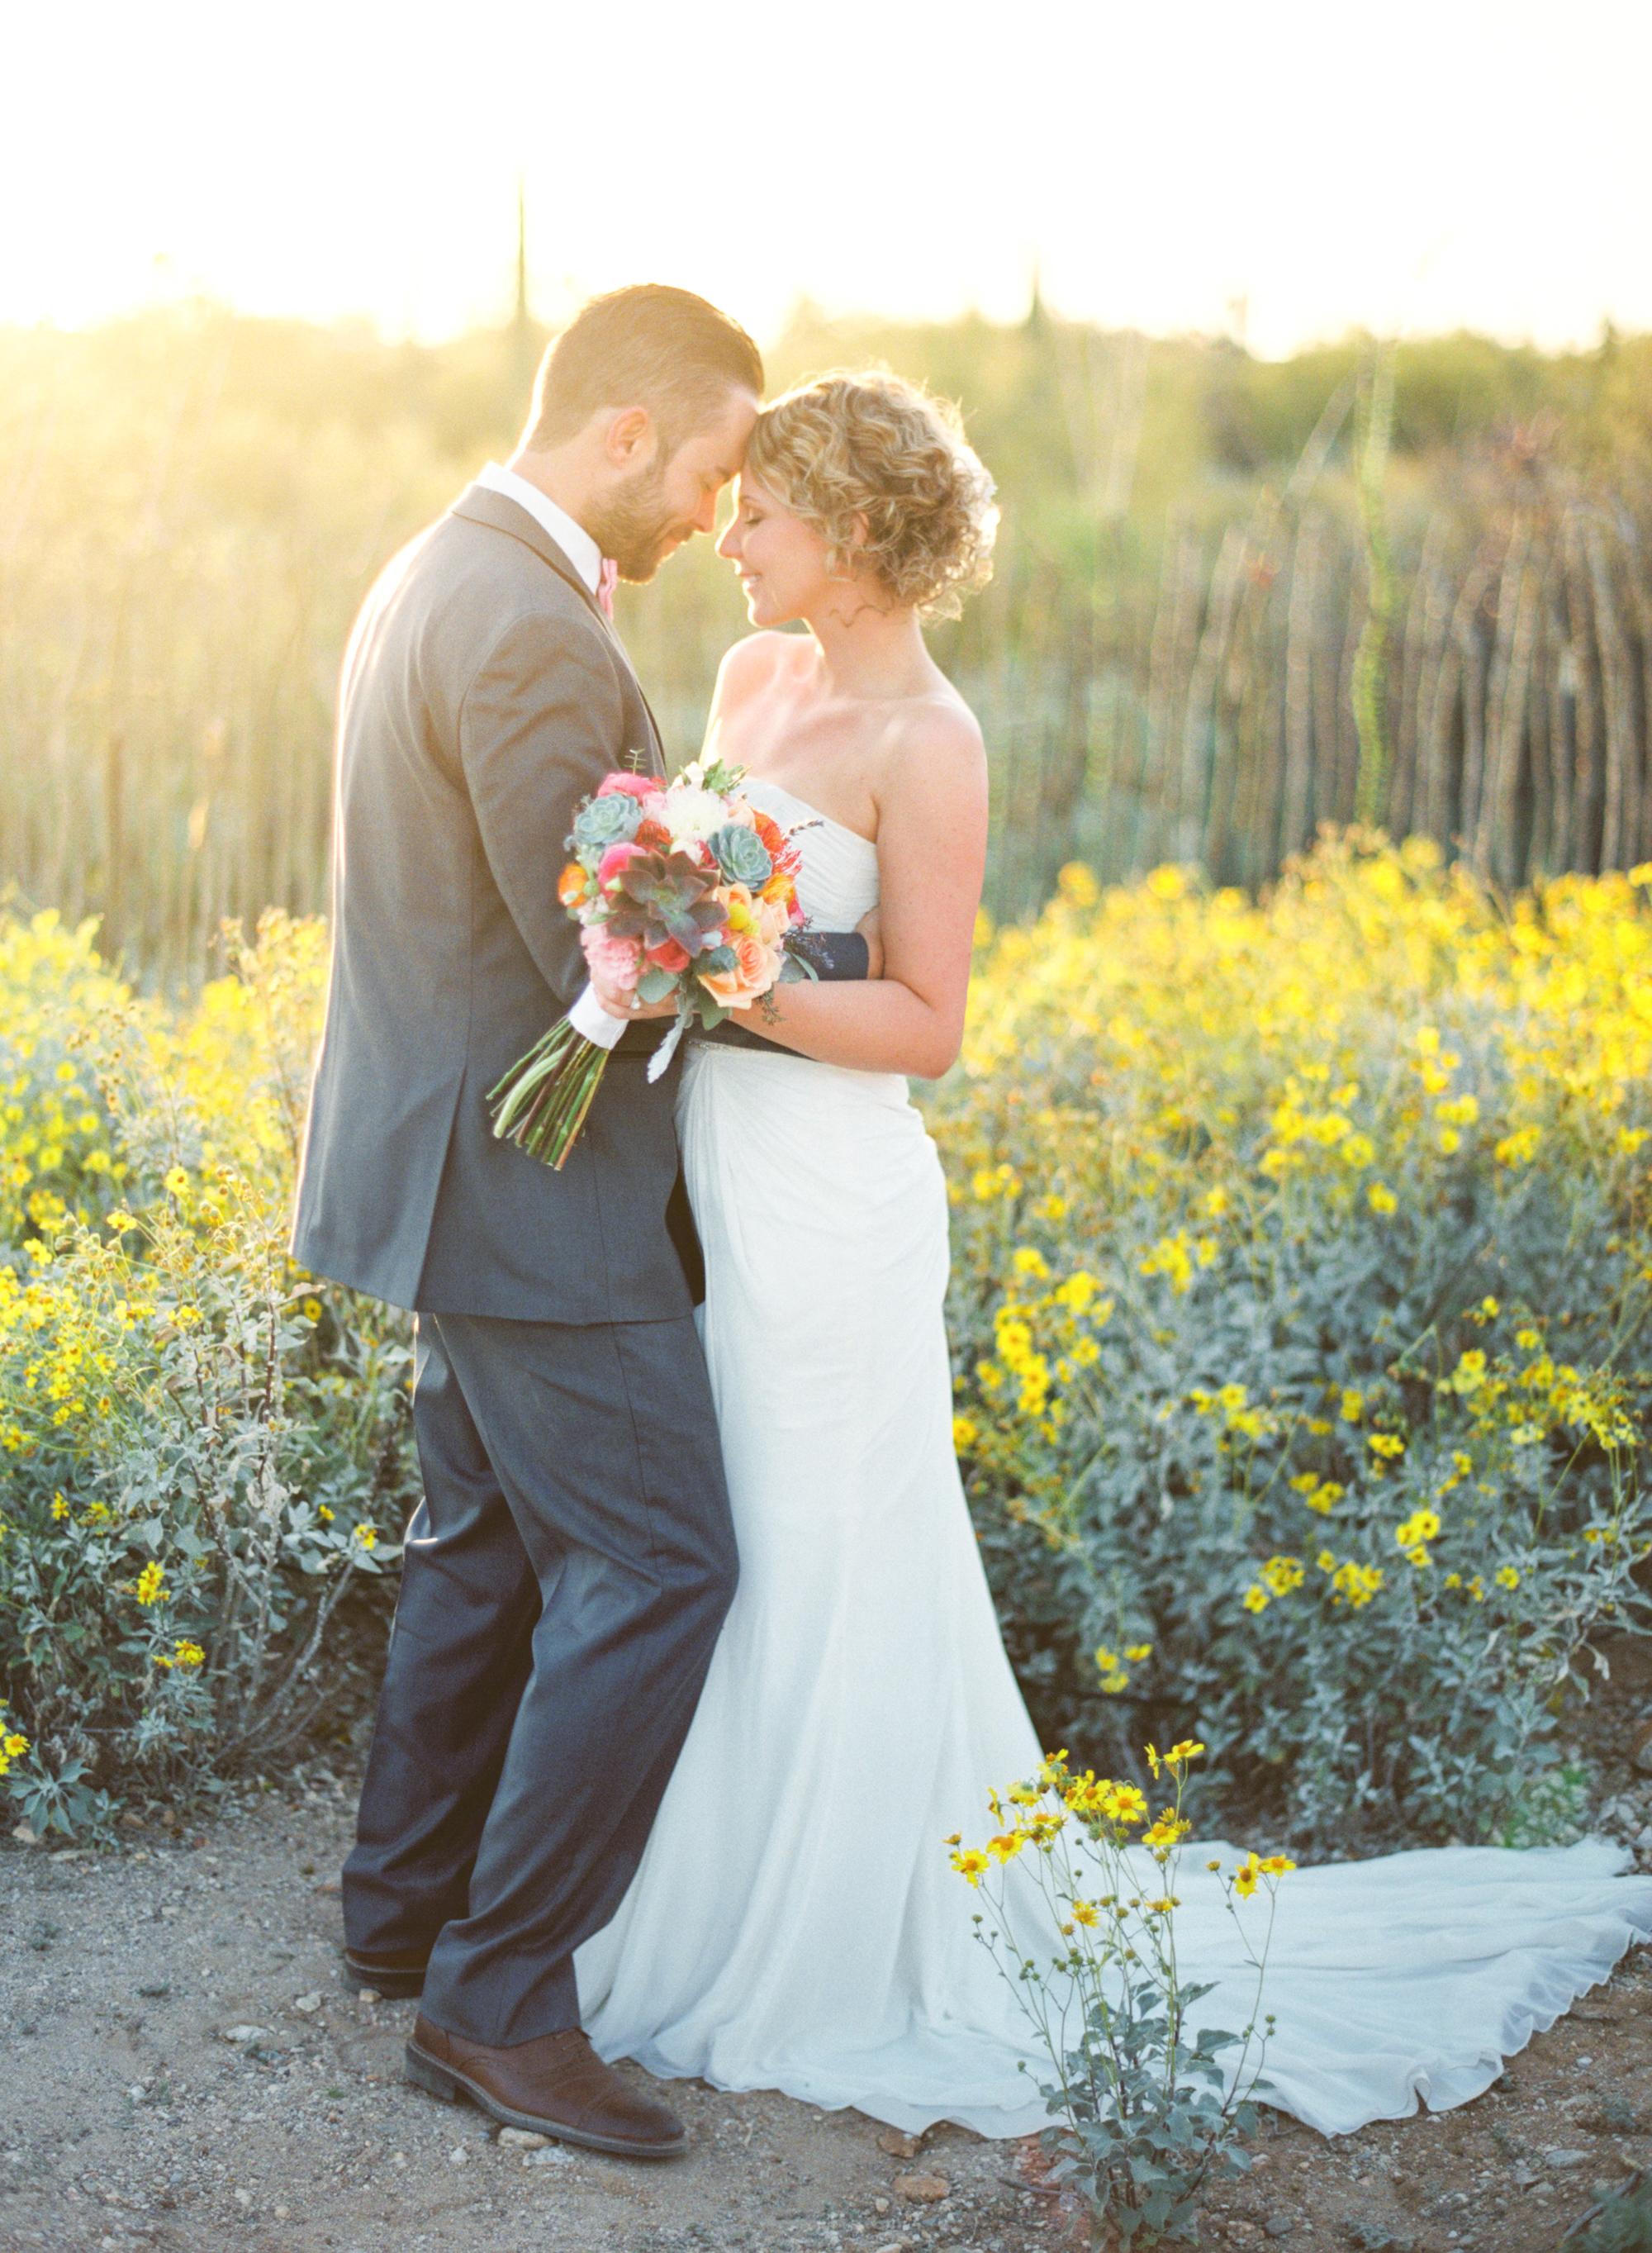 Tucson bride & groom portraits in Tucson wildflowers